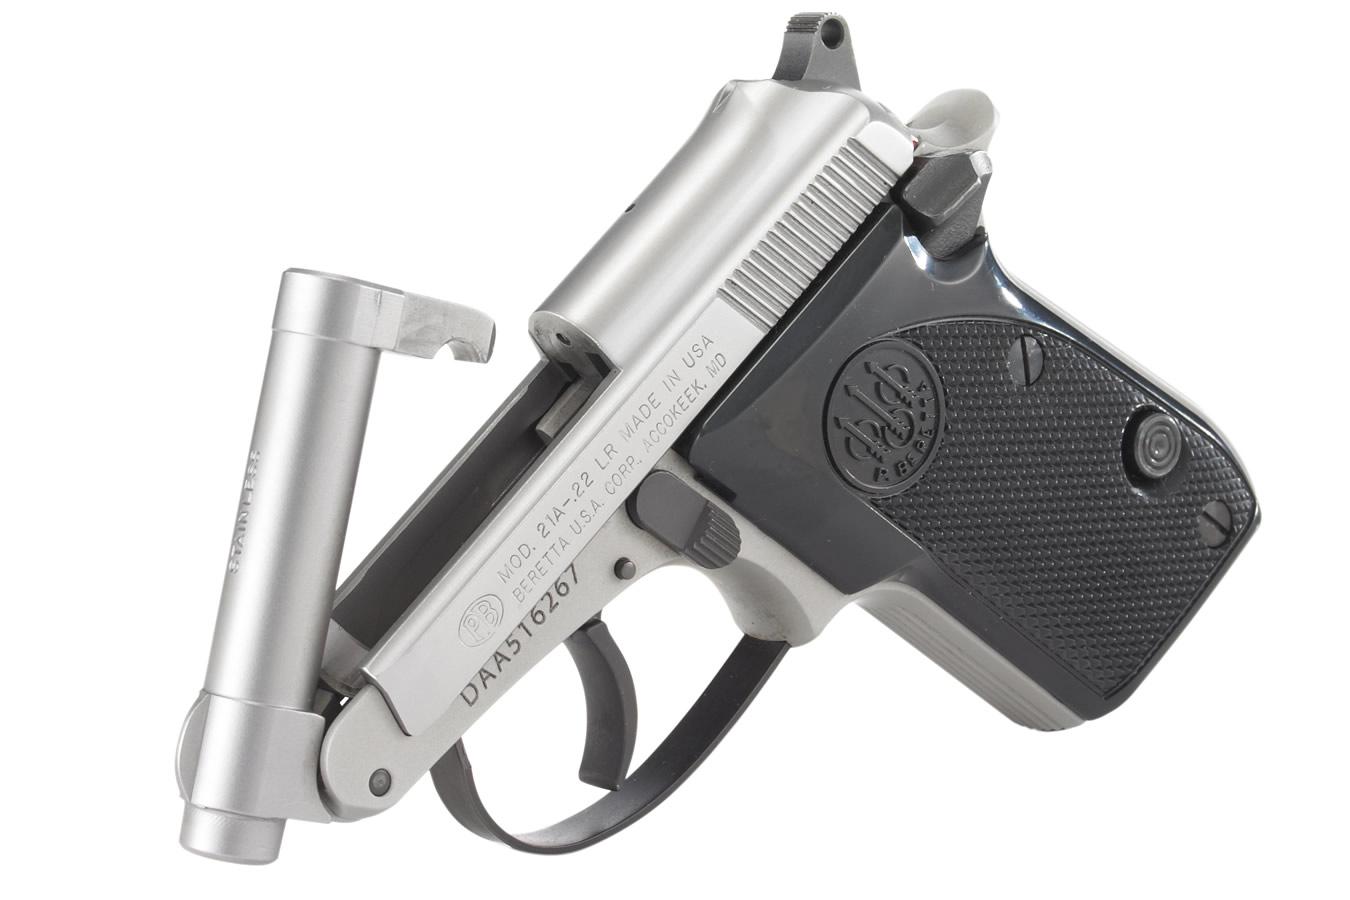 21 A Bobcat Inox 22LR Tip-Up Rimfire Pistol